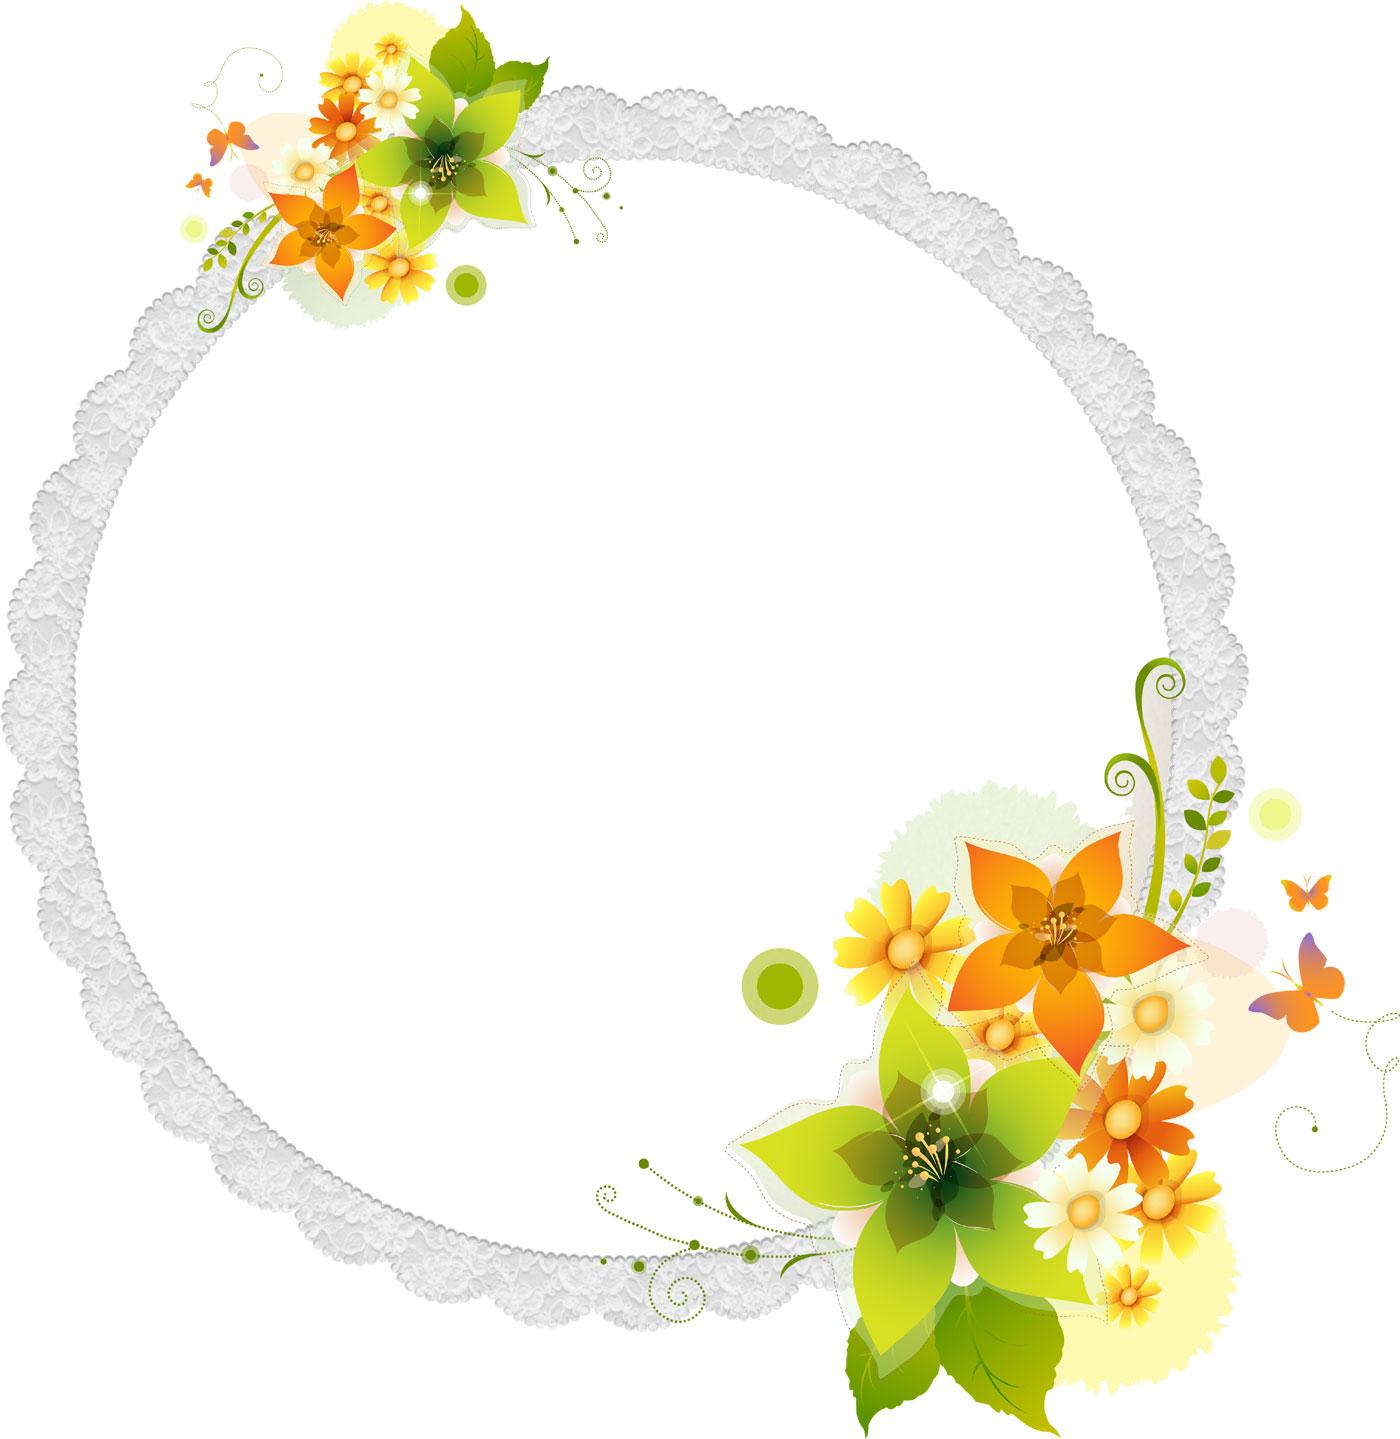 花のイラスト・フリー素材/フレーム枠no.80『カラフル・光源・蝶』